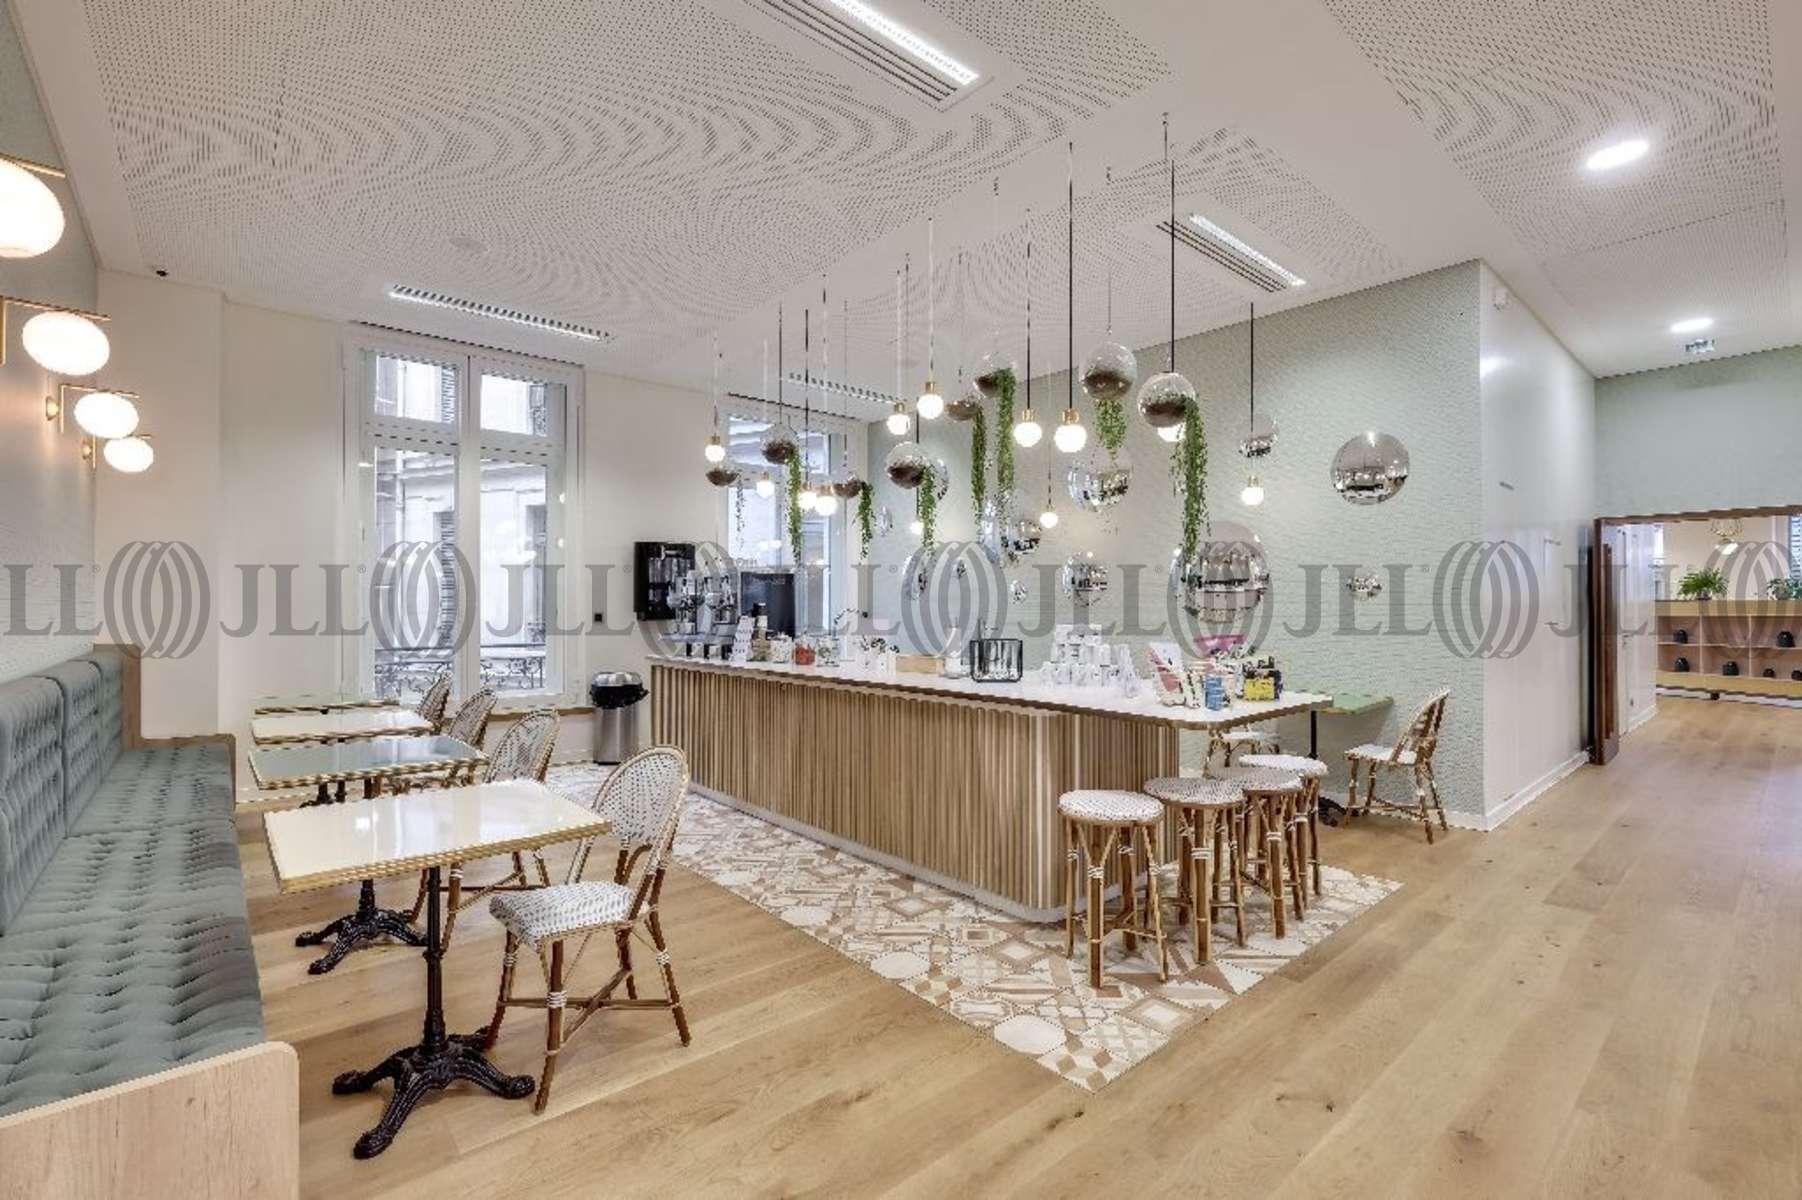 Bureaux à louer spaces paris opera 75009 paris 55939 jll